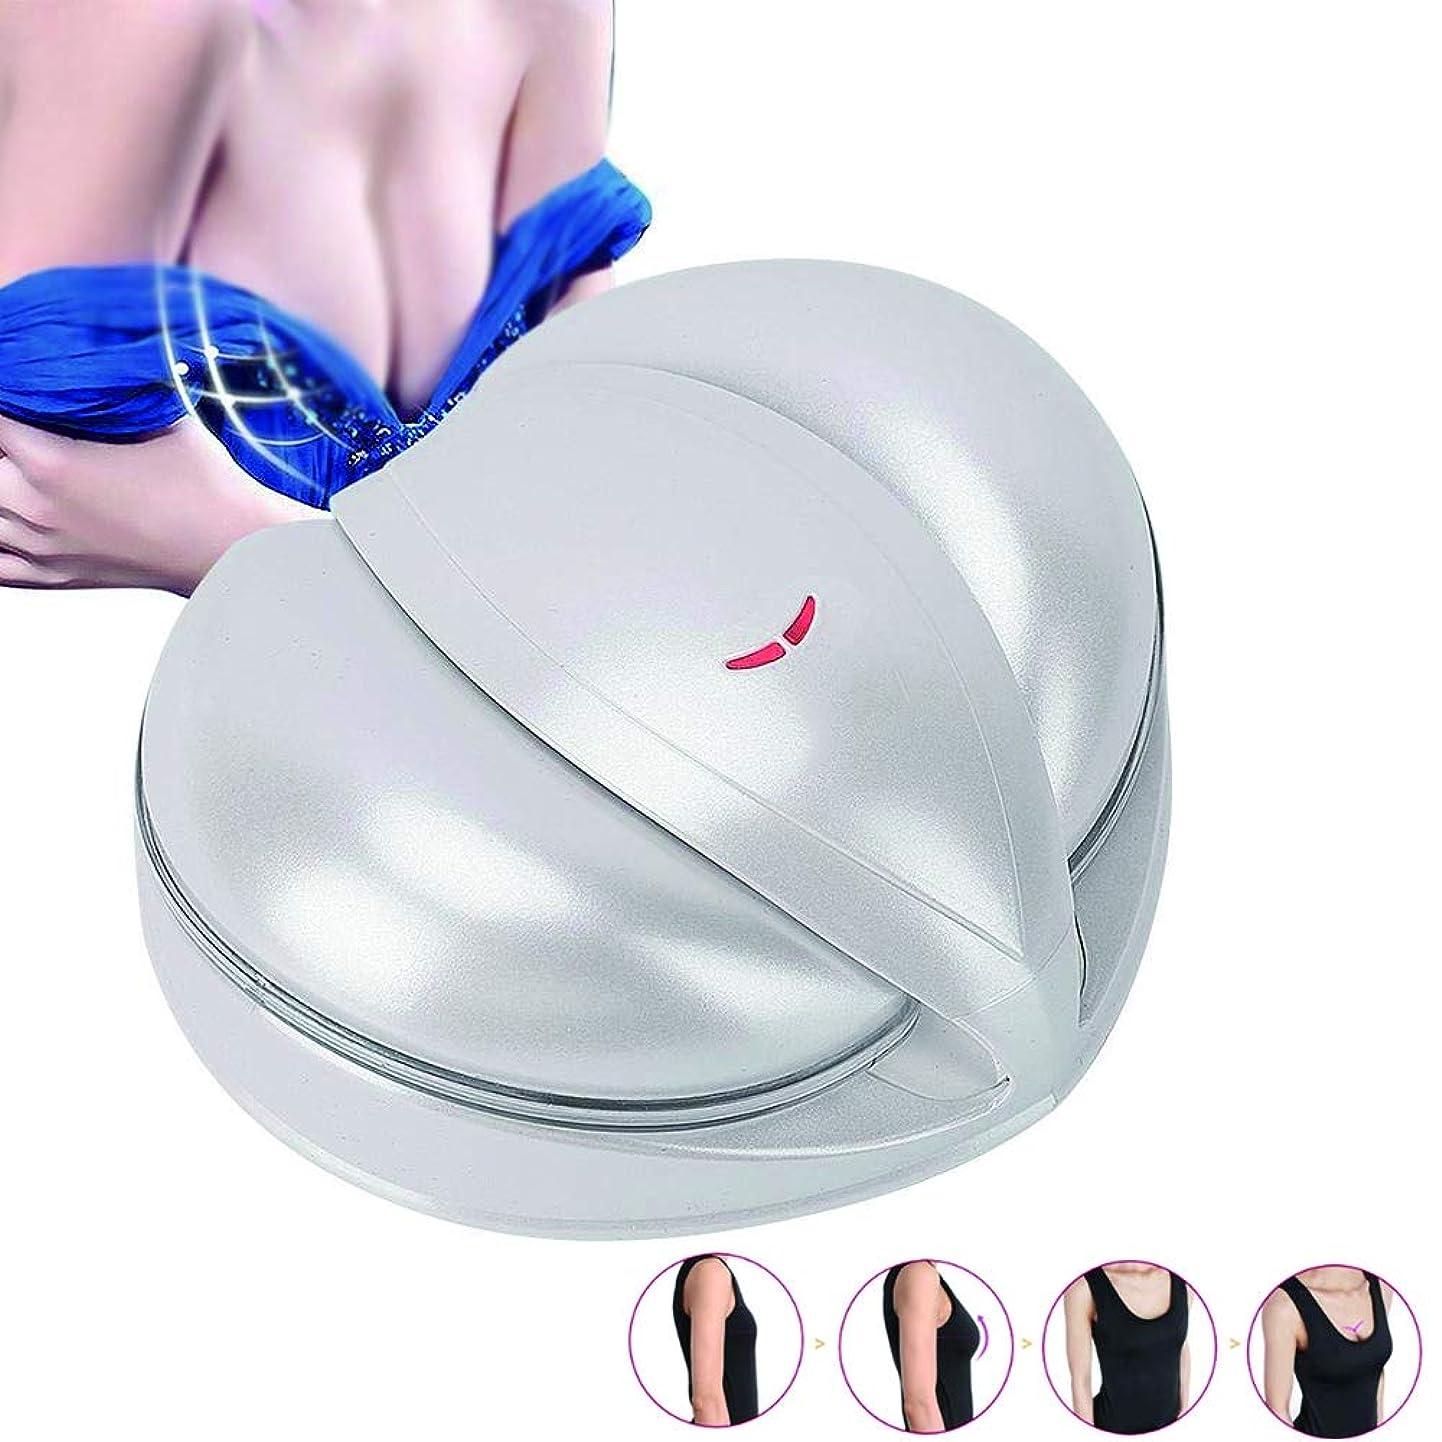 コンテスト人里離れた看板胸部マッサージ器胸の強化インストゥルメント、?胸のリフティングマッサージ器電動乳引き伸ばしおよび抗たるみマッサージ装置